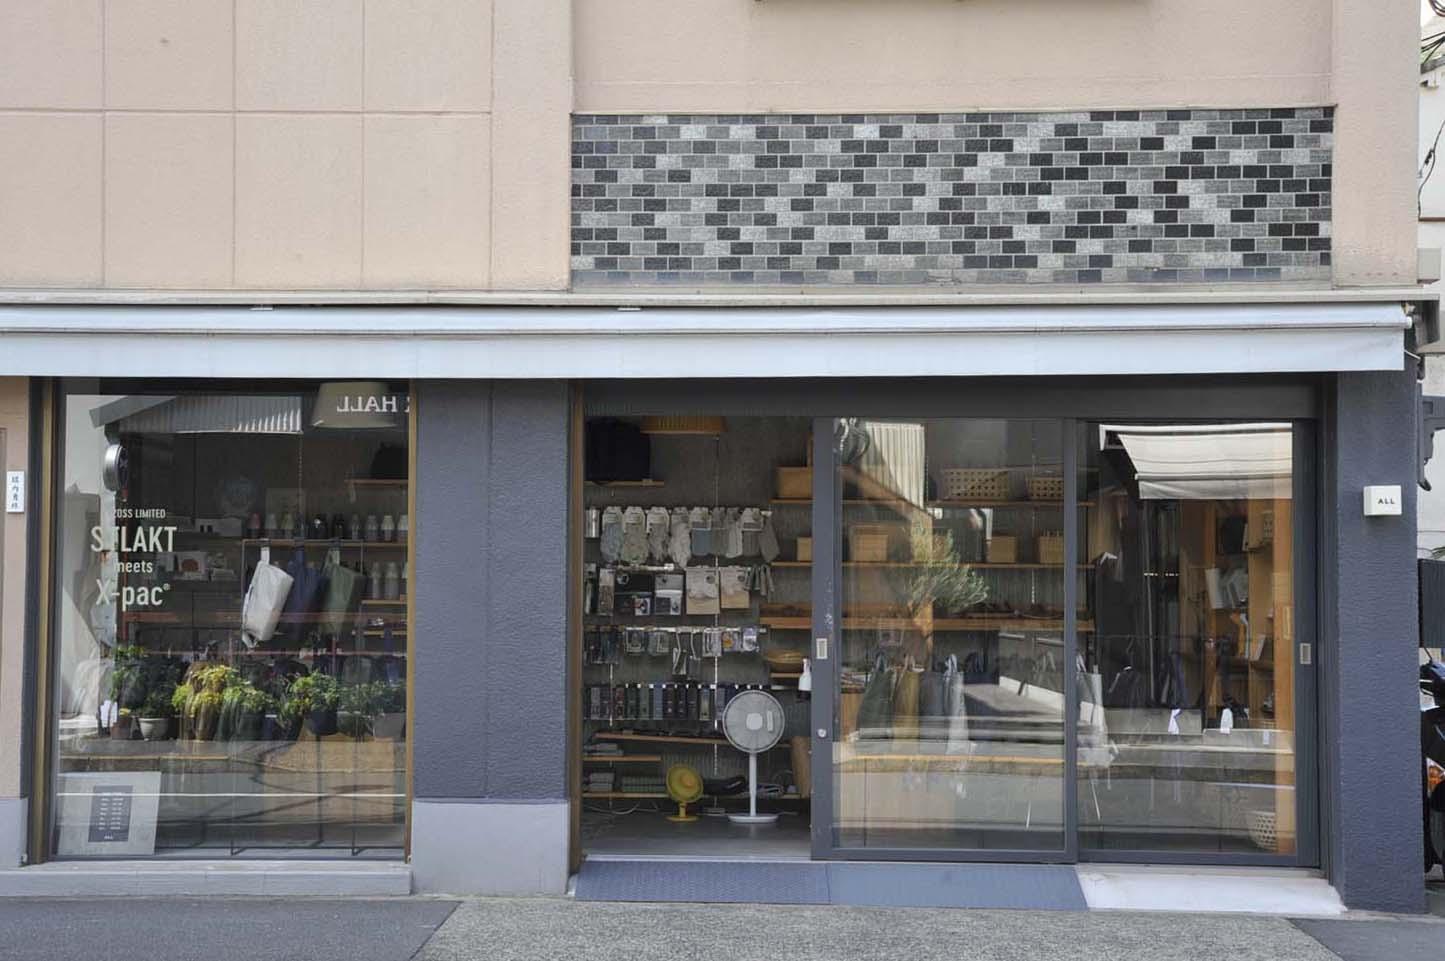 ガラス張りの店頭は中が見やすく、商品も目につきやすい。